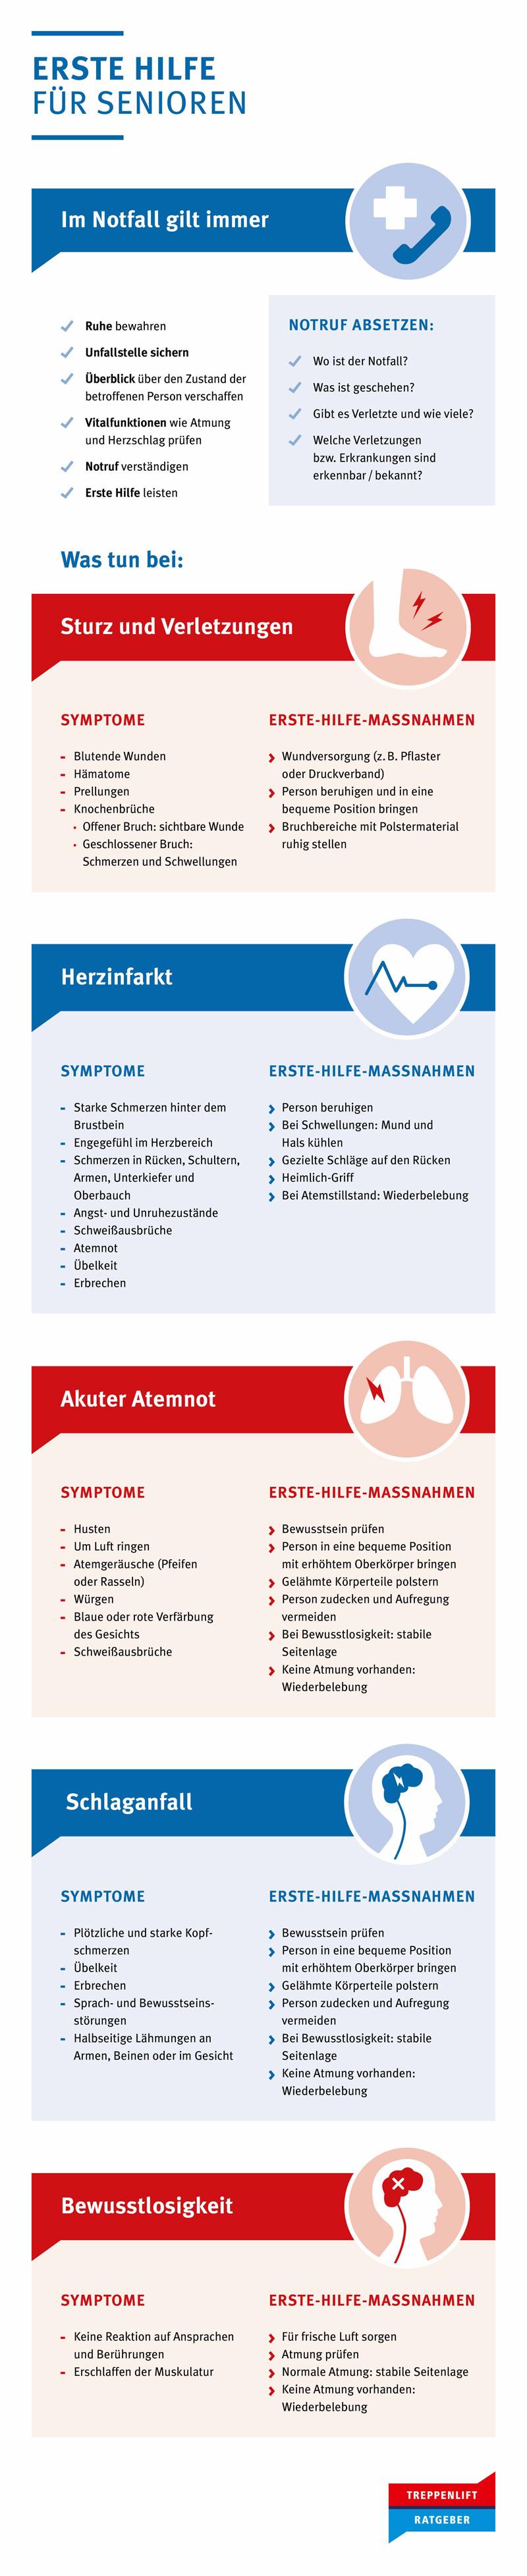 Infografik Erste Hilfe für Senioren